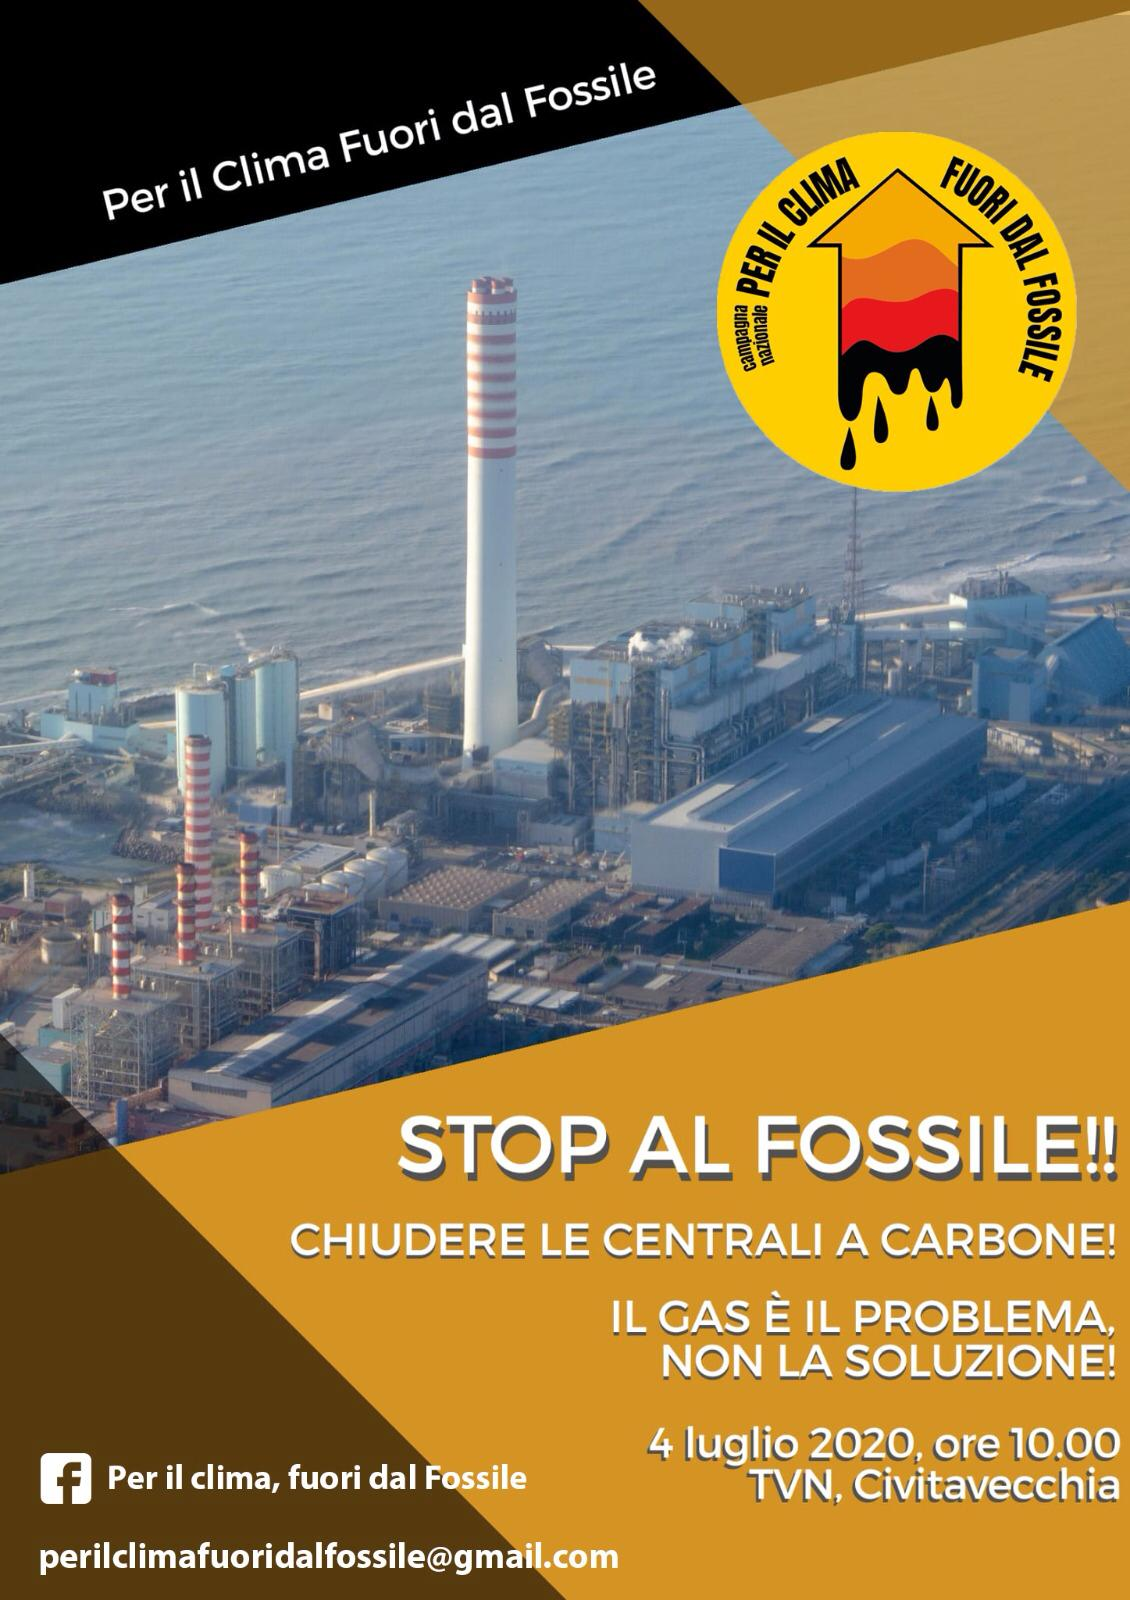 """""""No al Fossile"""", manifestazione dei comitati ambietalisti ill 4 luglio a TVN"""